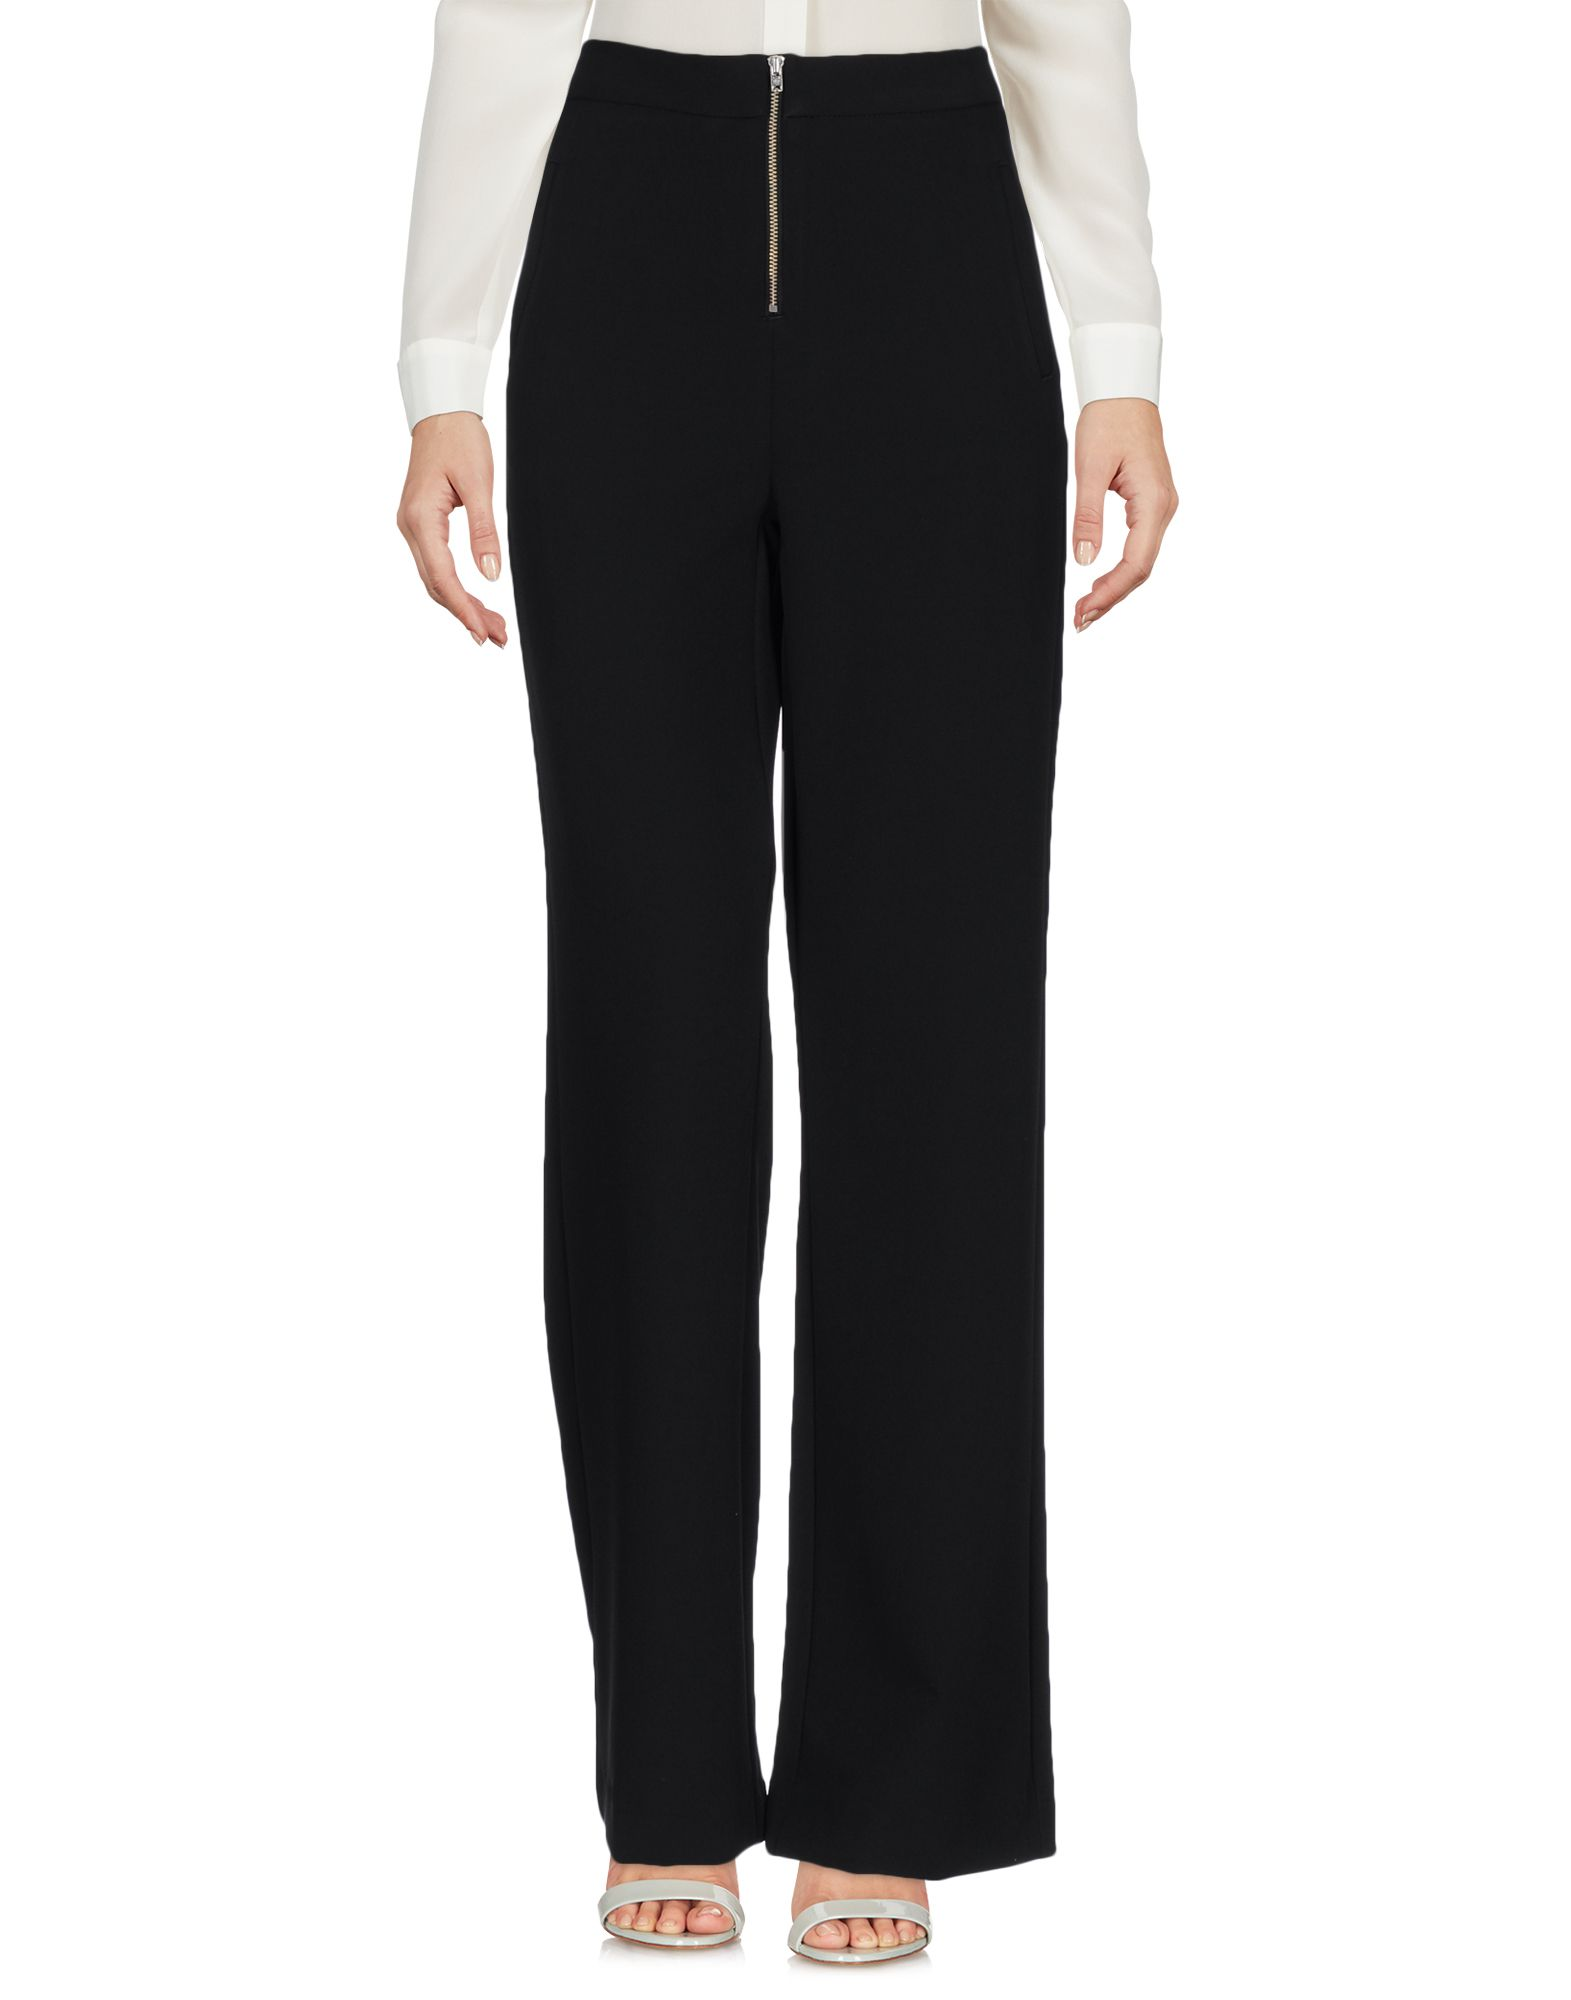 2ND ONE Damen Hose Farbe Schwarz Größe 6